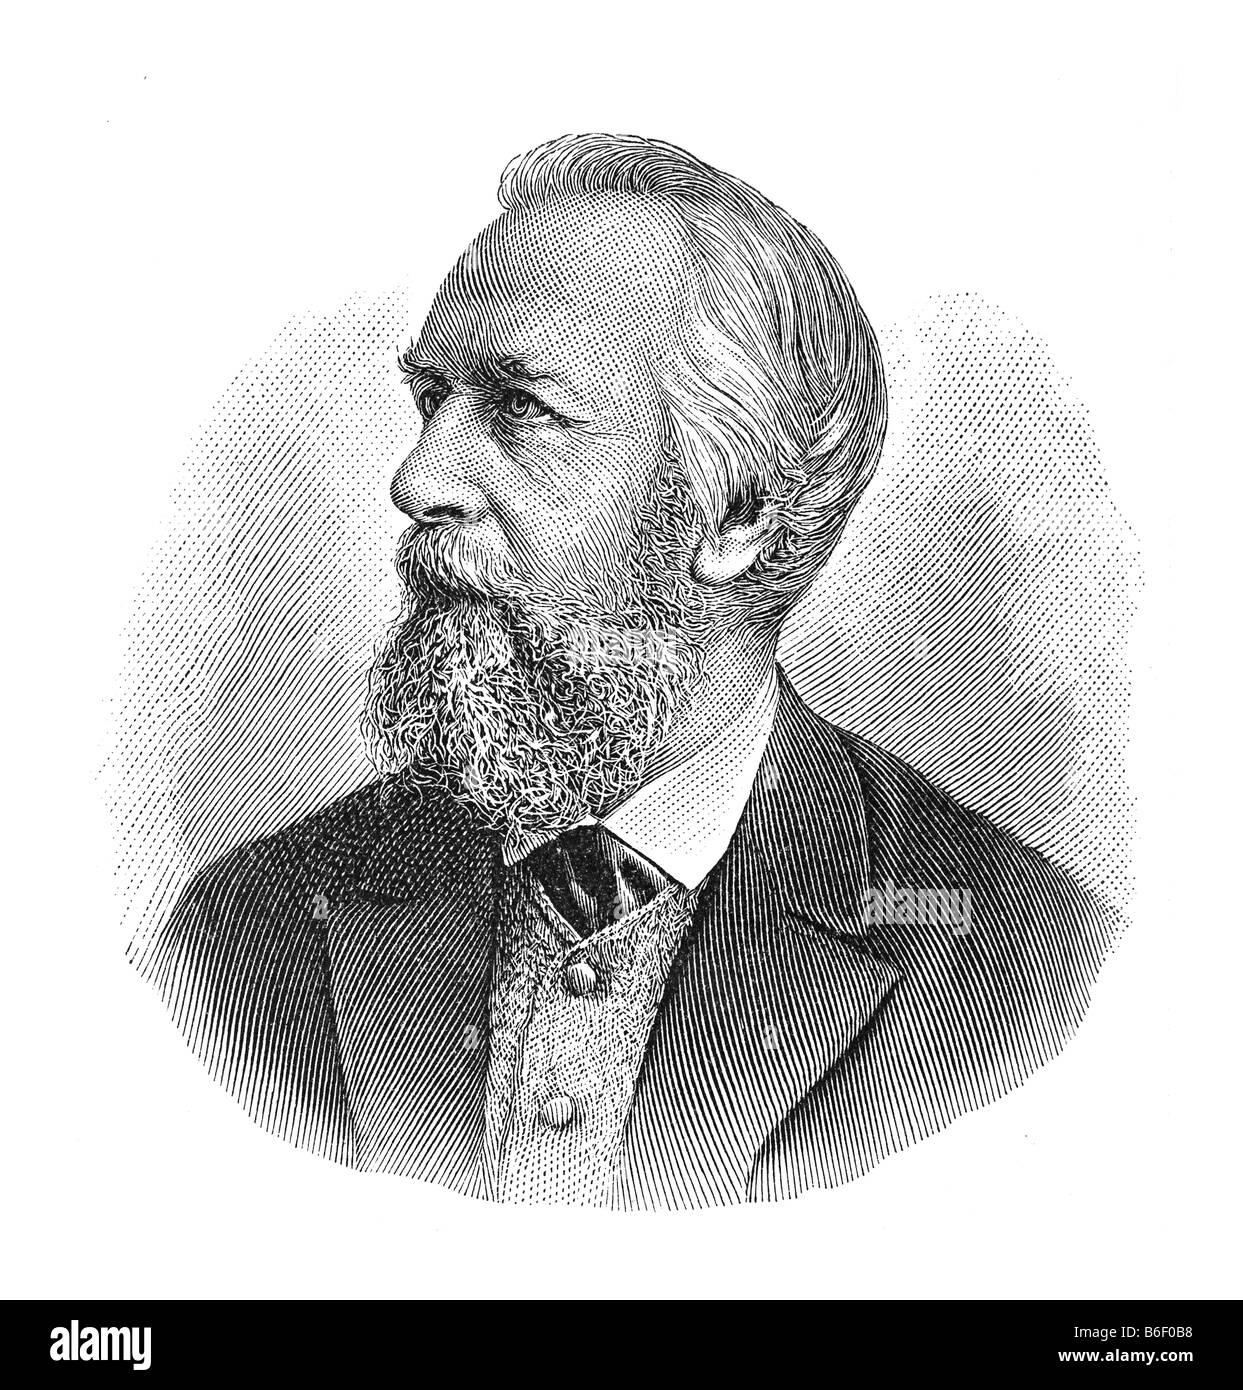 Ernst Heinrich Philipp August Haeckel, 16. Febbraio 1834 Potsdam - 9. Agosto 1919 Jena Immagini Stock